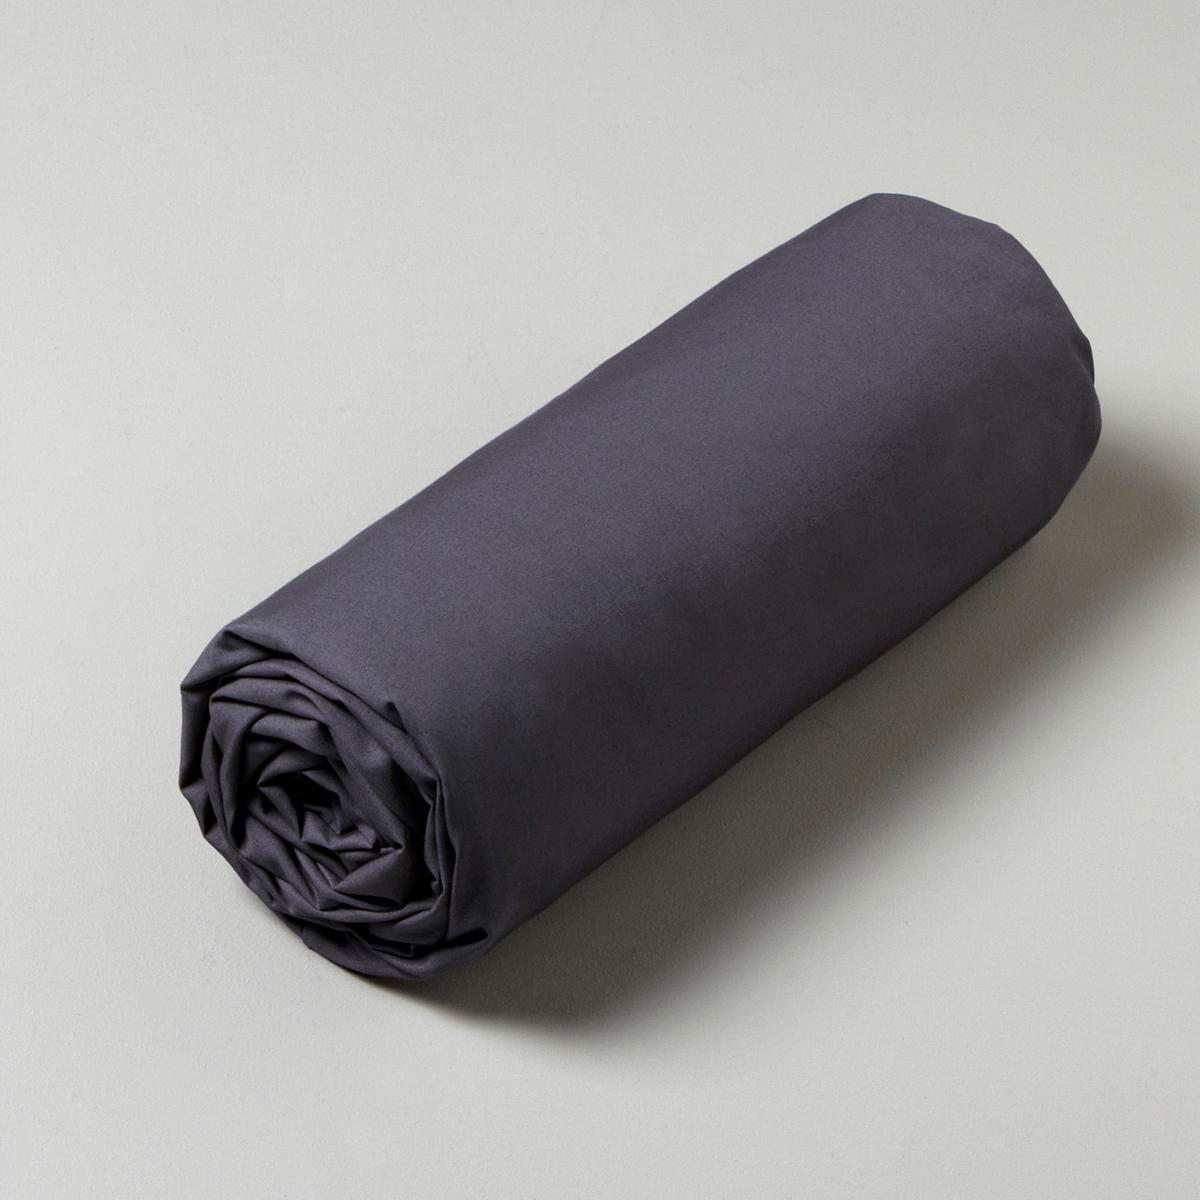 Натяжная простыня из перкалиНатяжная простыня Patati. Перкаль, 100% хлопка. 4 эластичных угла. Стирка при 40°.<br><br>Цвет: белый,сероватый<br>Размер: 140 x 190  см